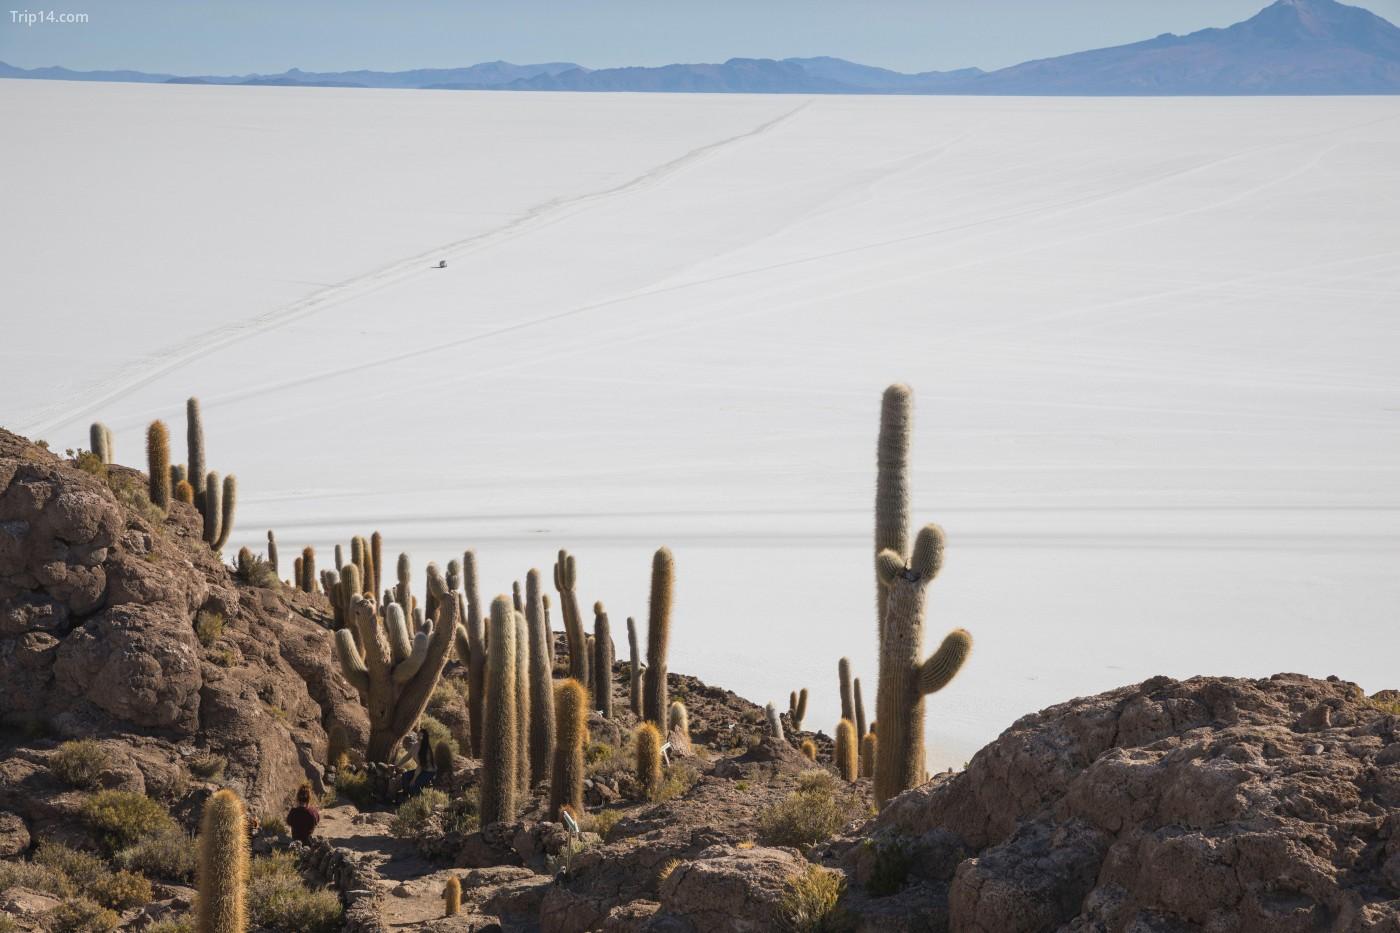 Căn hộ muối Uyuni ở Bolivia là căn hộ muối lớn nhất thế giới và có những hòn đảo rải rác bằng xương rồng | © Cavan Images / Alamy Kho ảnh